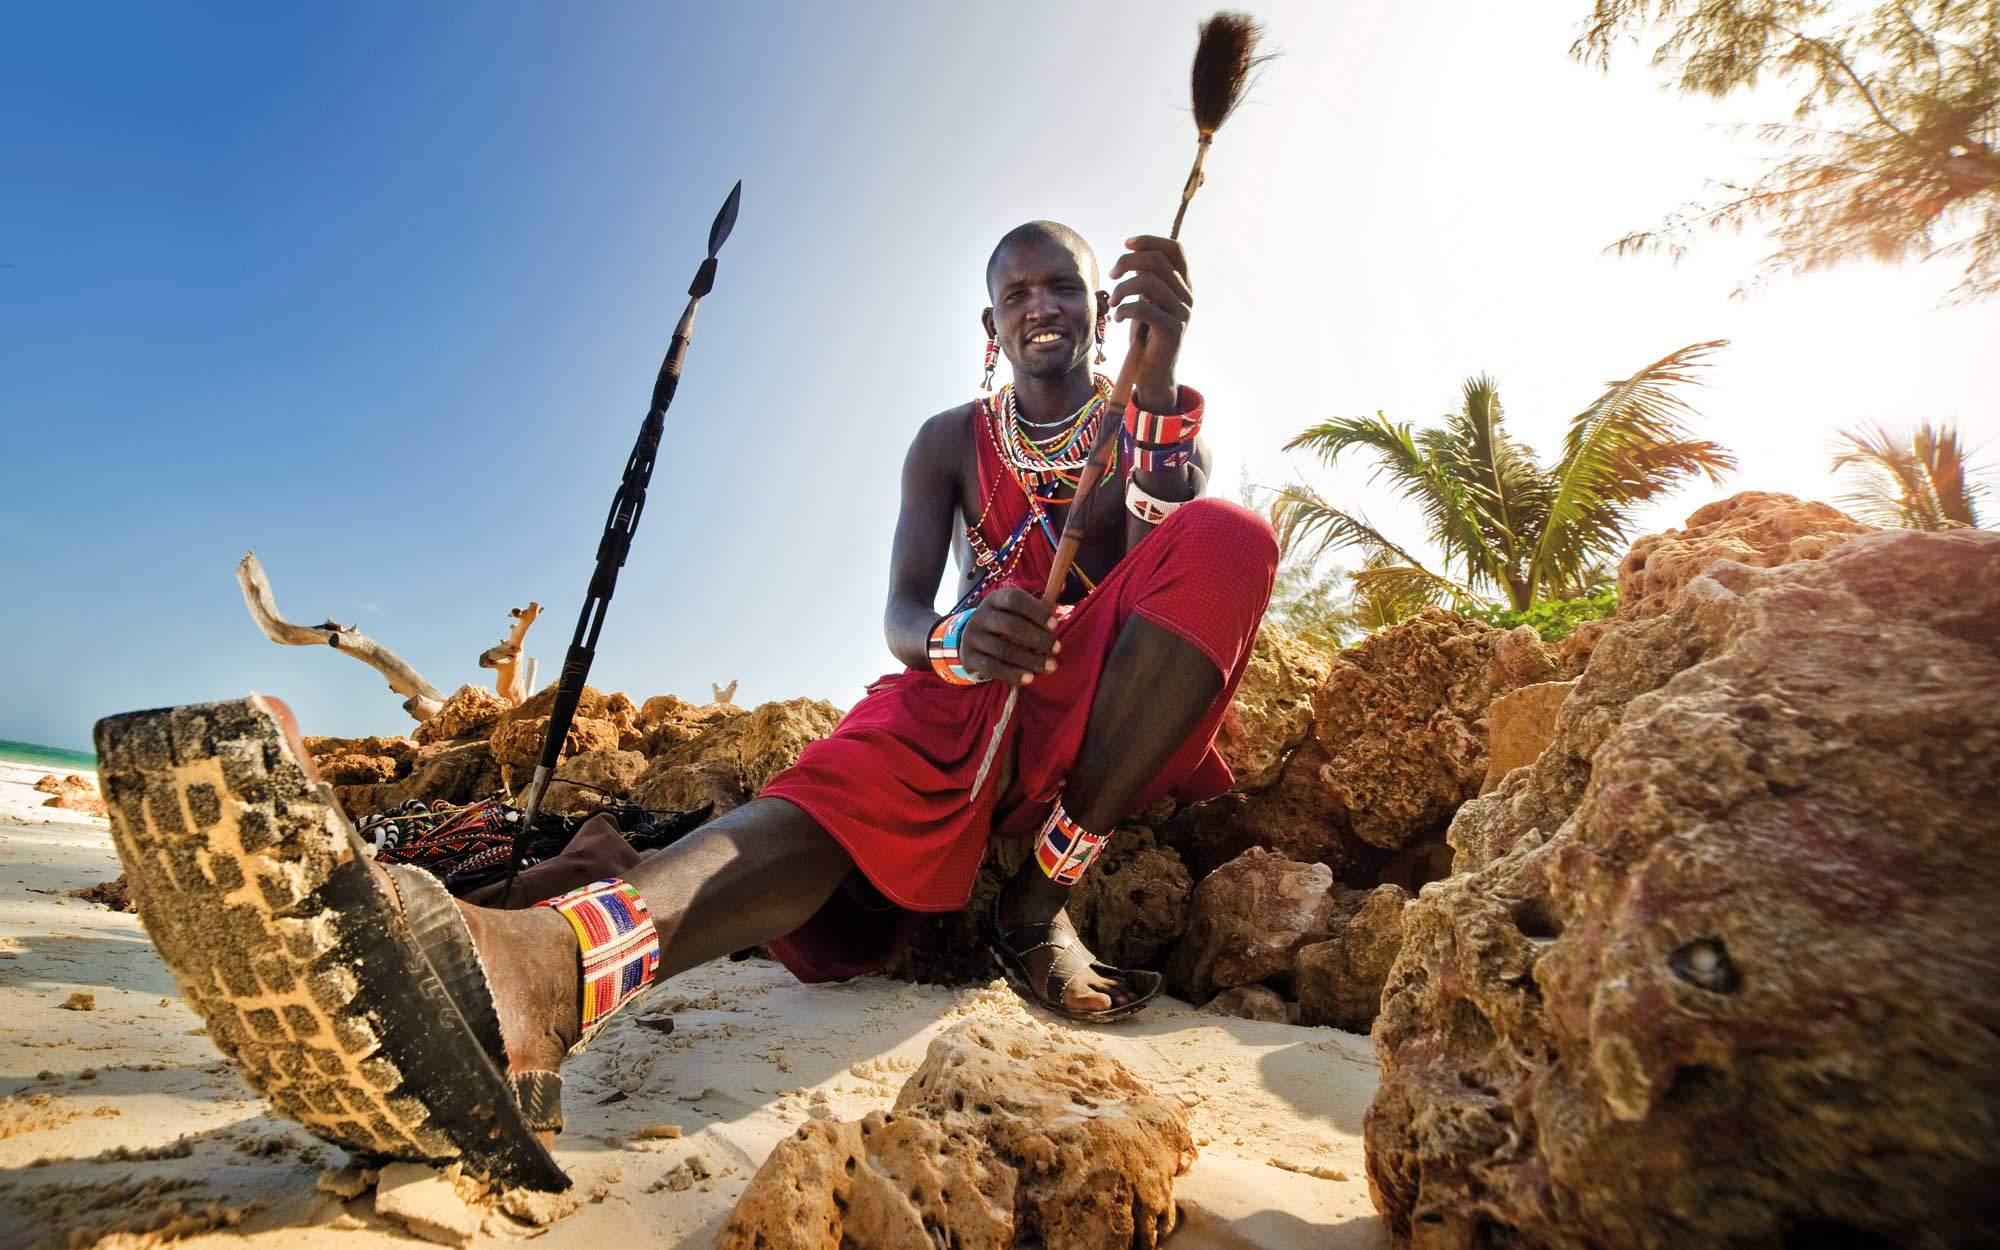 adventure travel branding refresh hero image maasai warrior explore worldwide